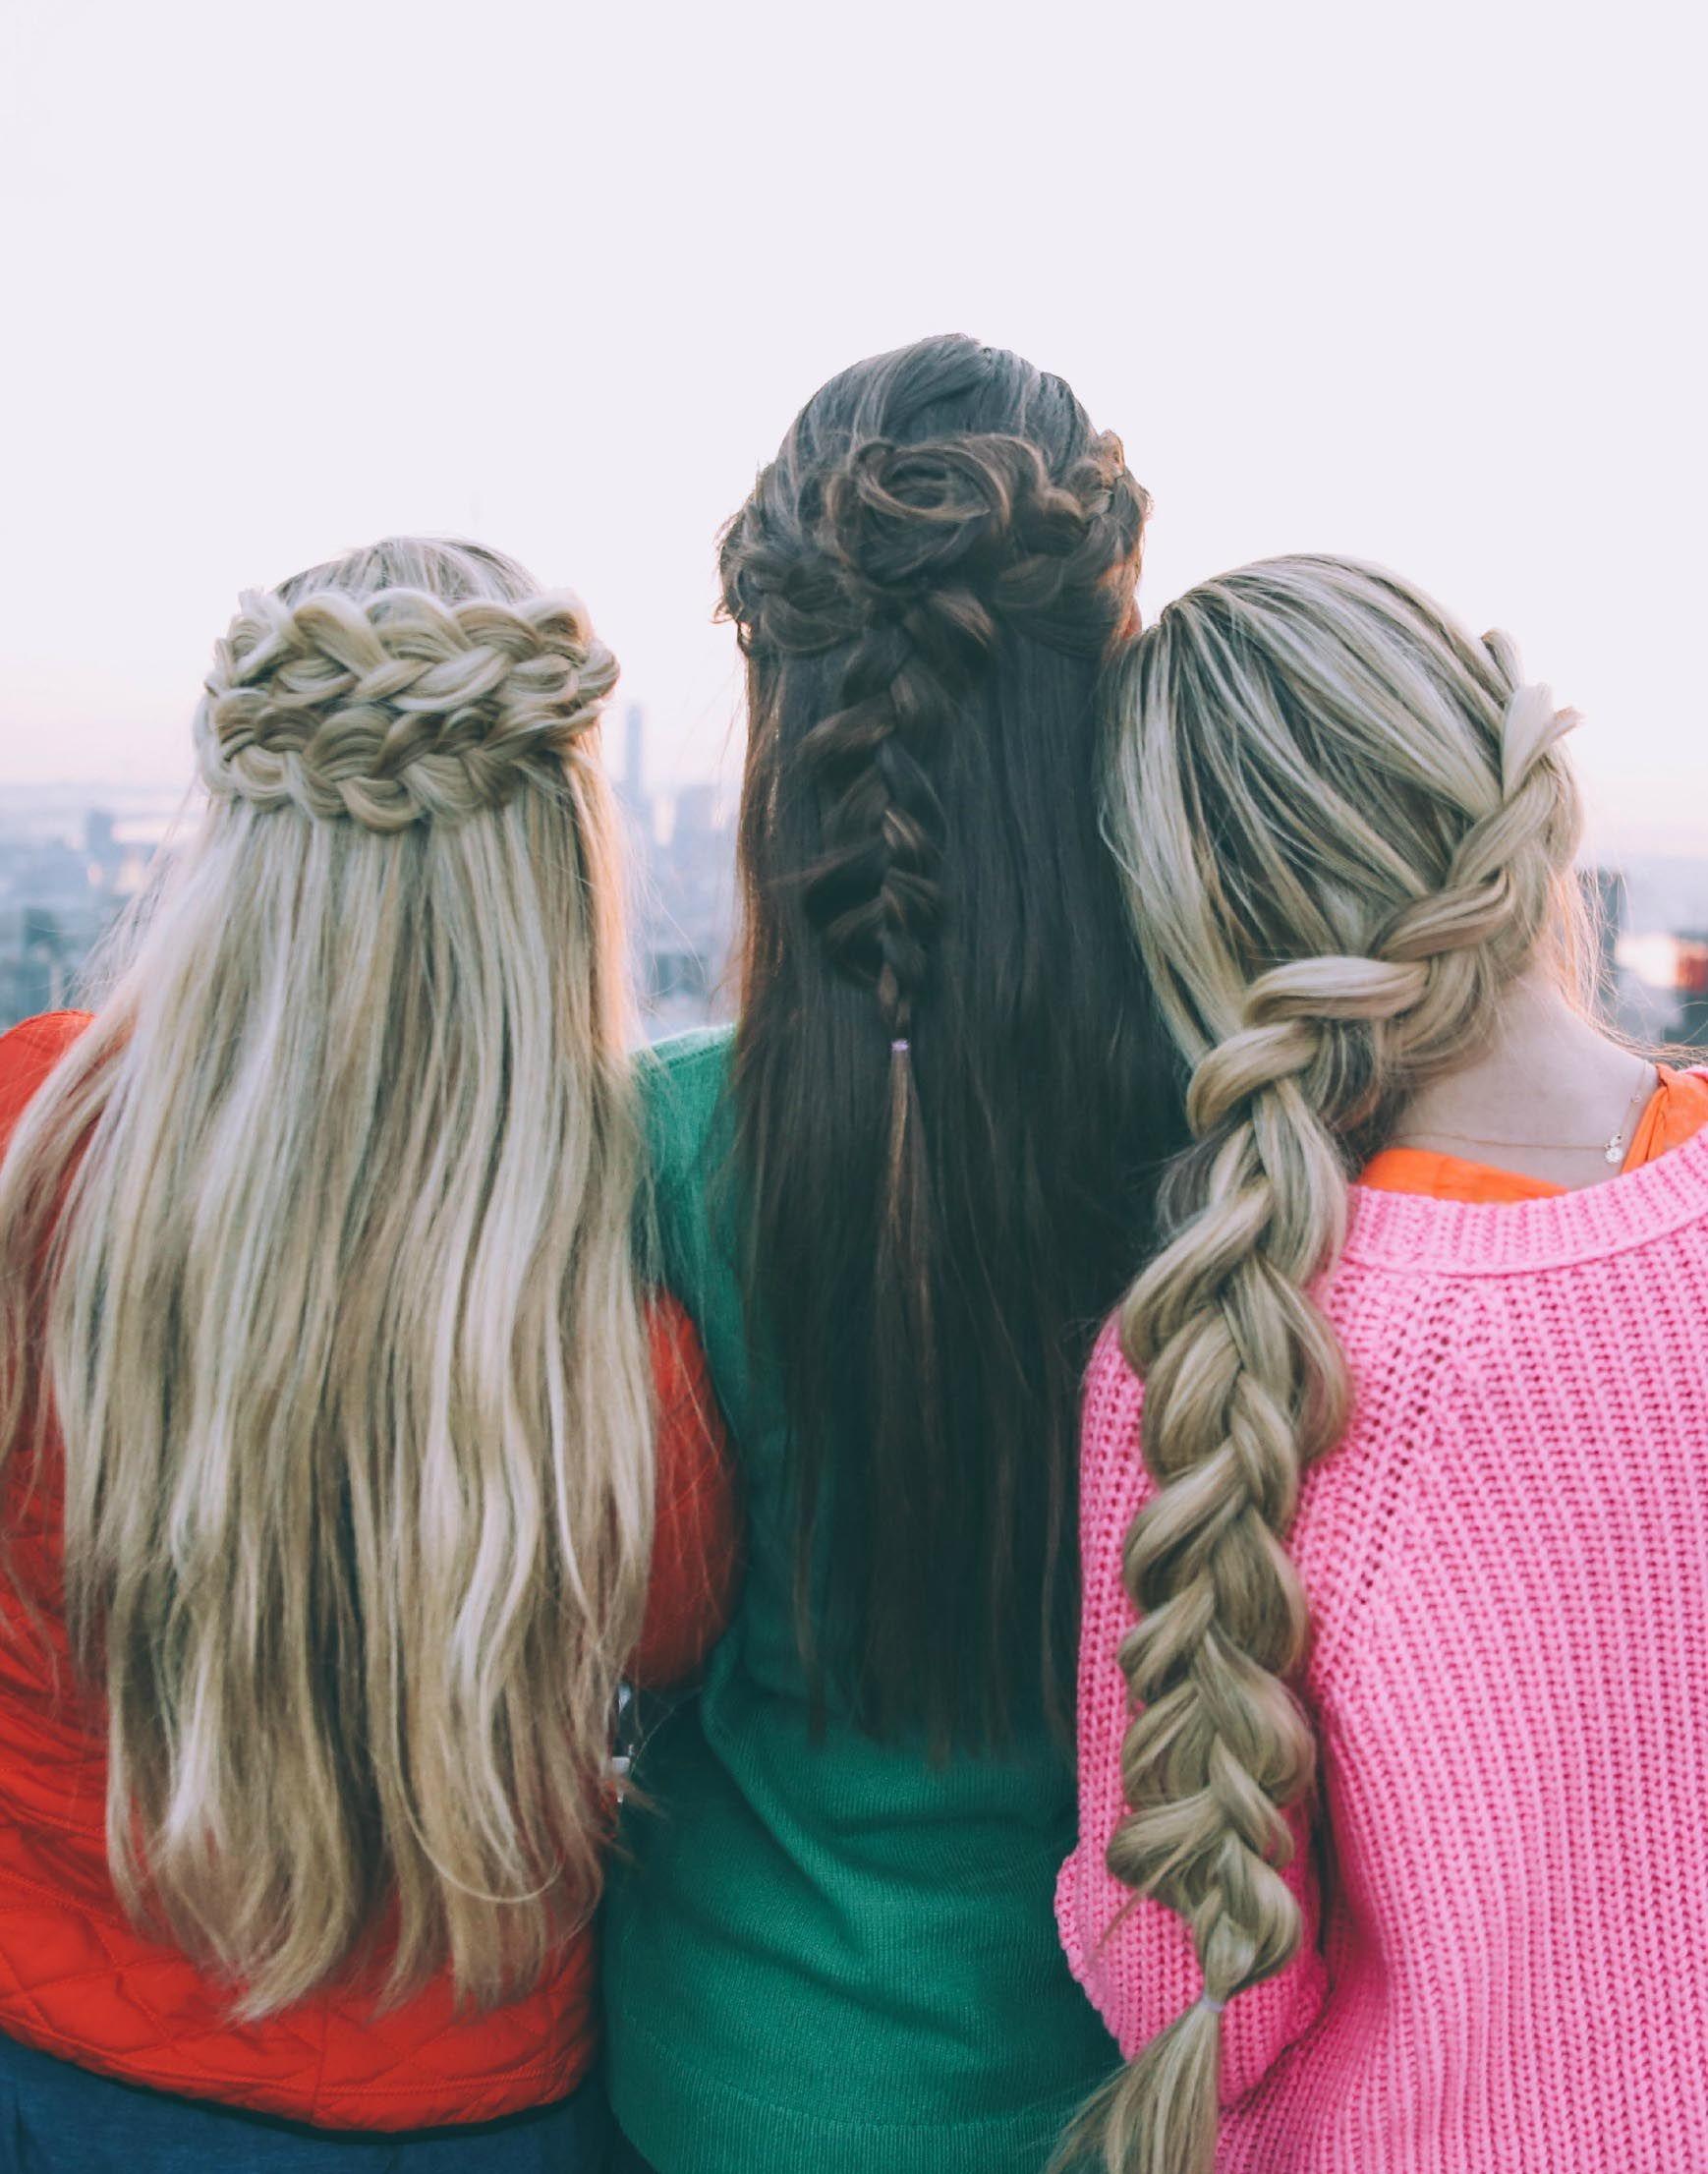 braids + braids + braids